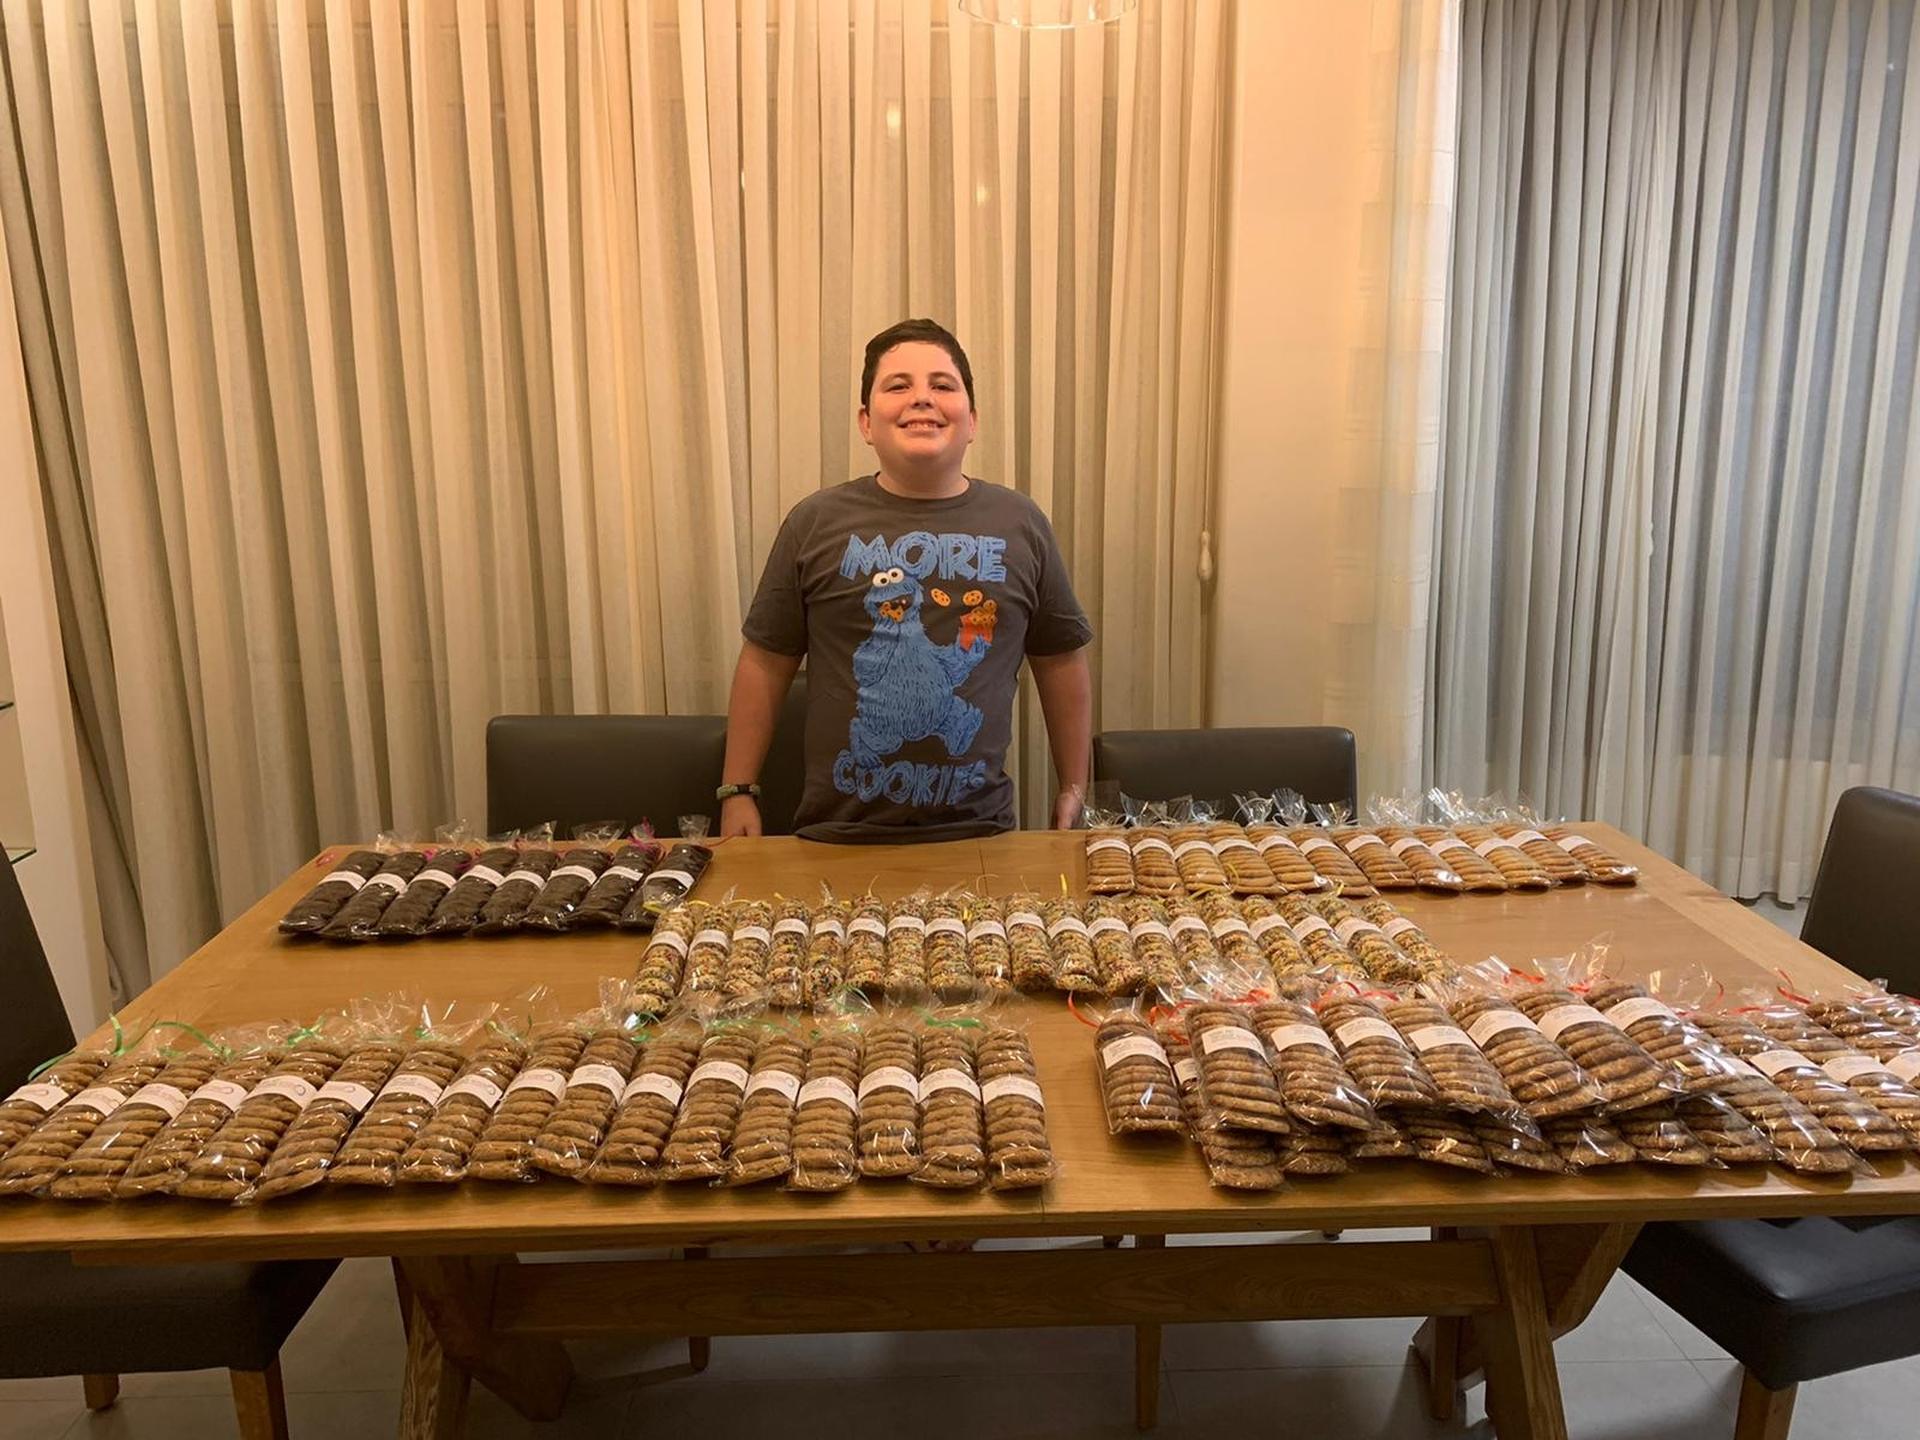 גדי שרייבר עם חלק מהעוגות שאפה. צילום: באדיבות המשפחה